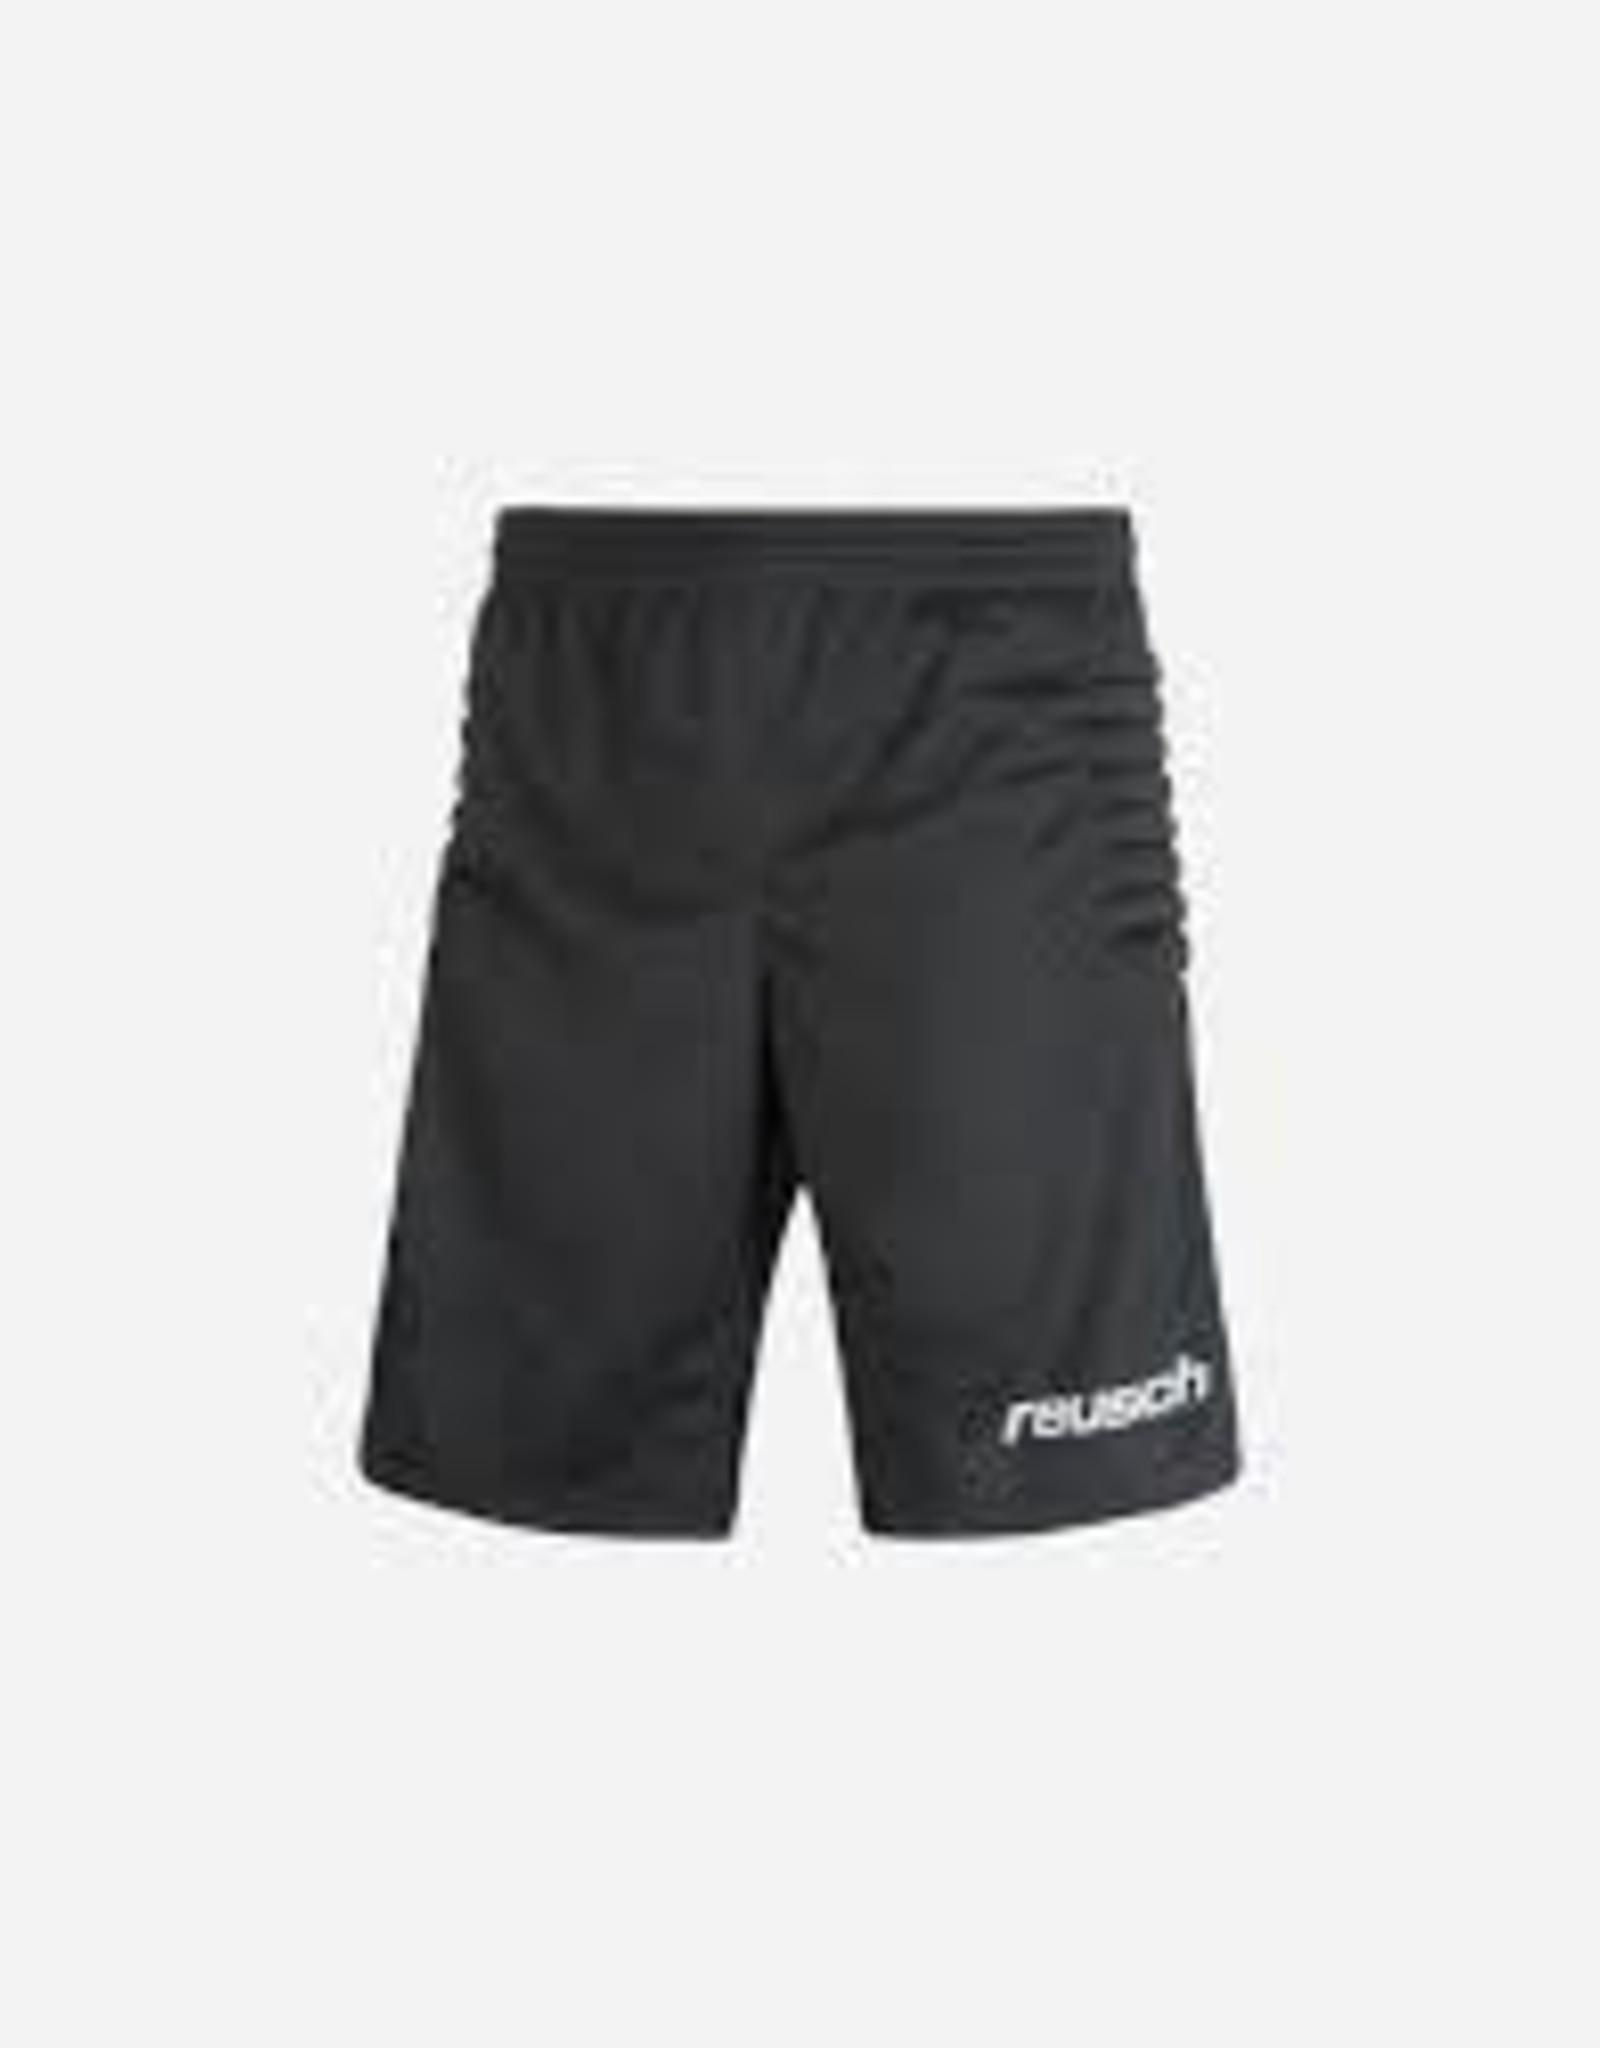 Reusch Reusch short